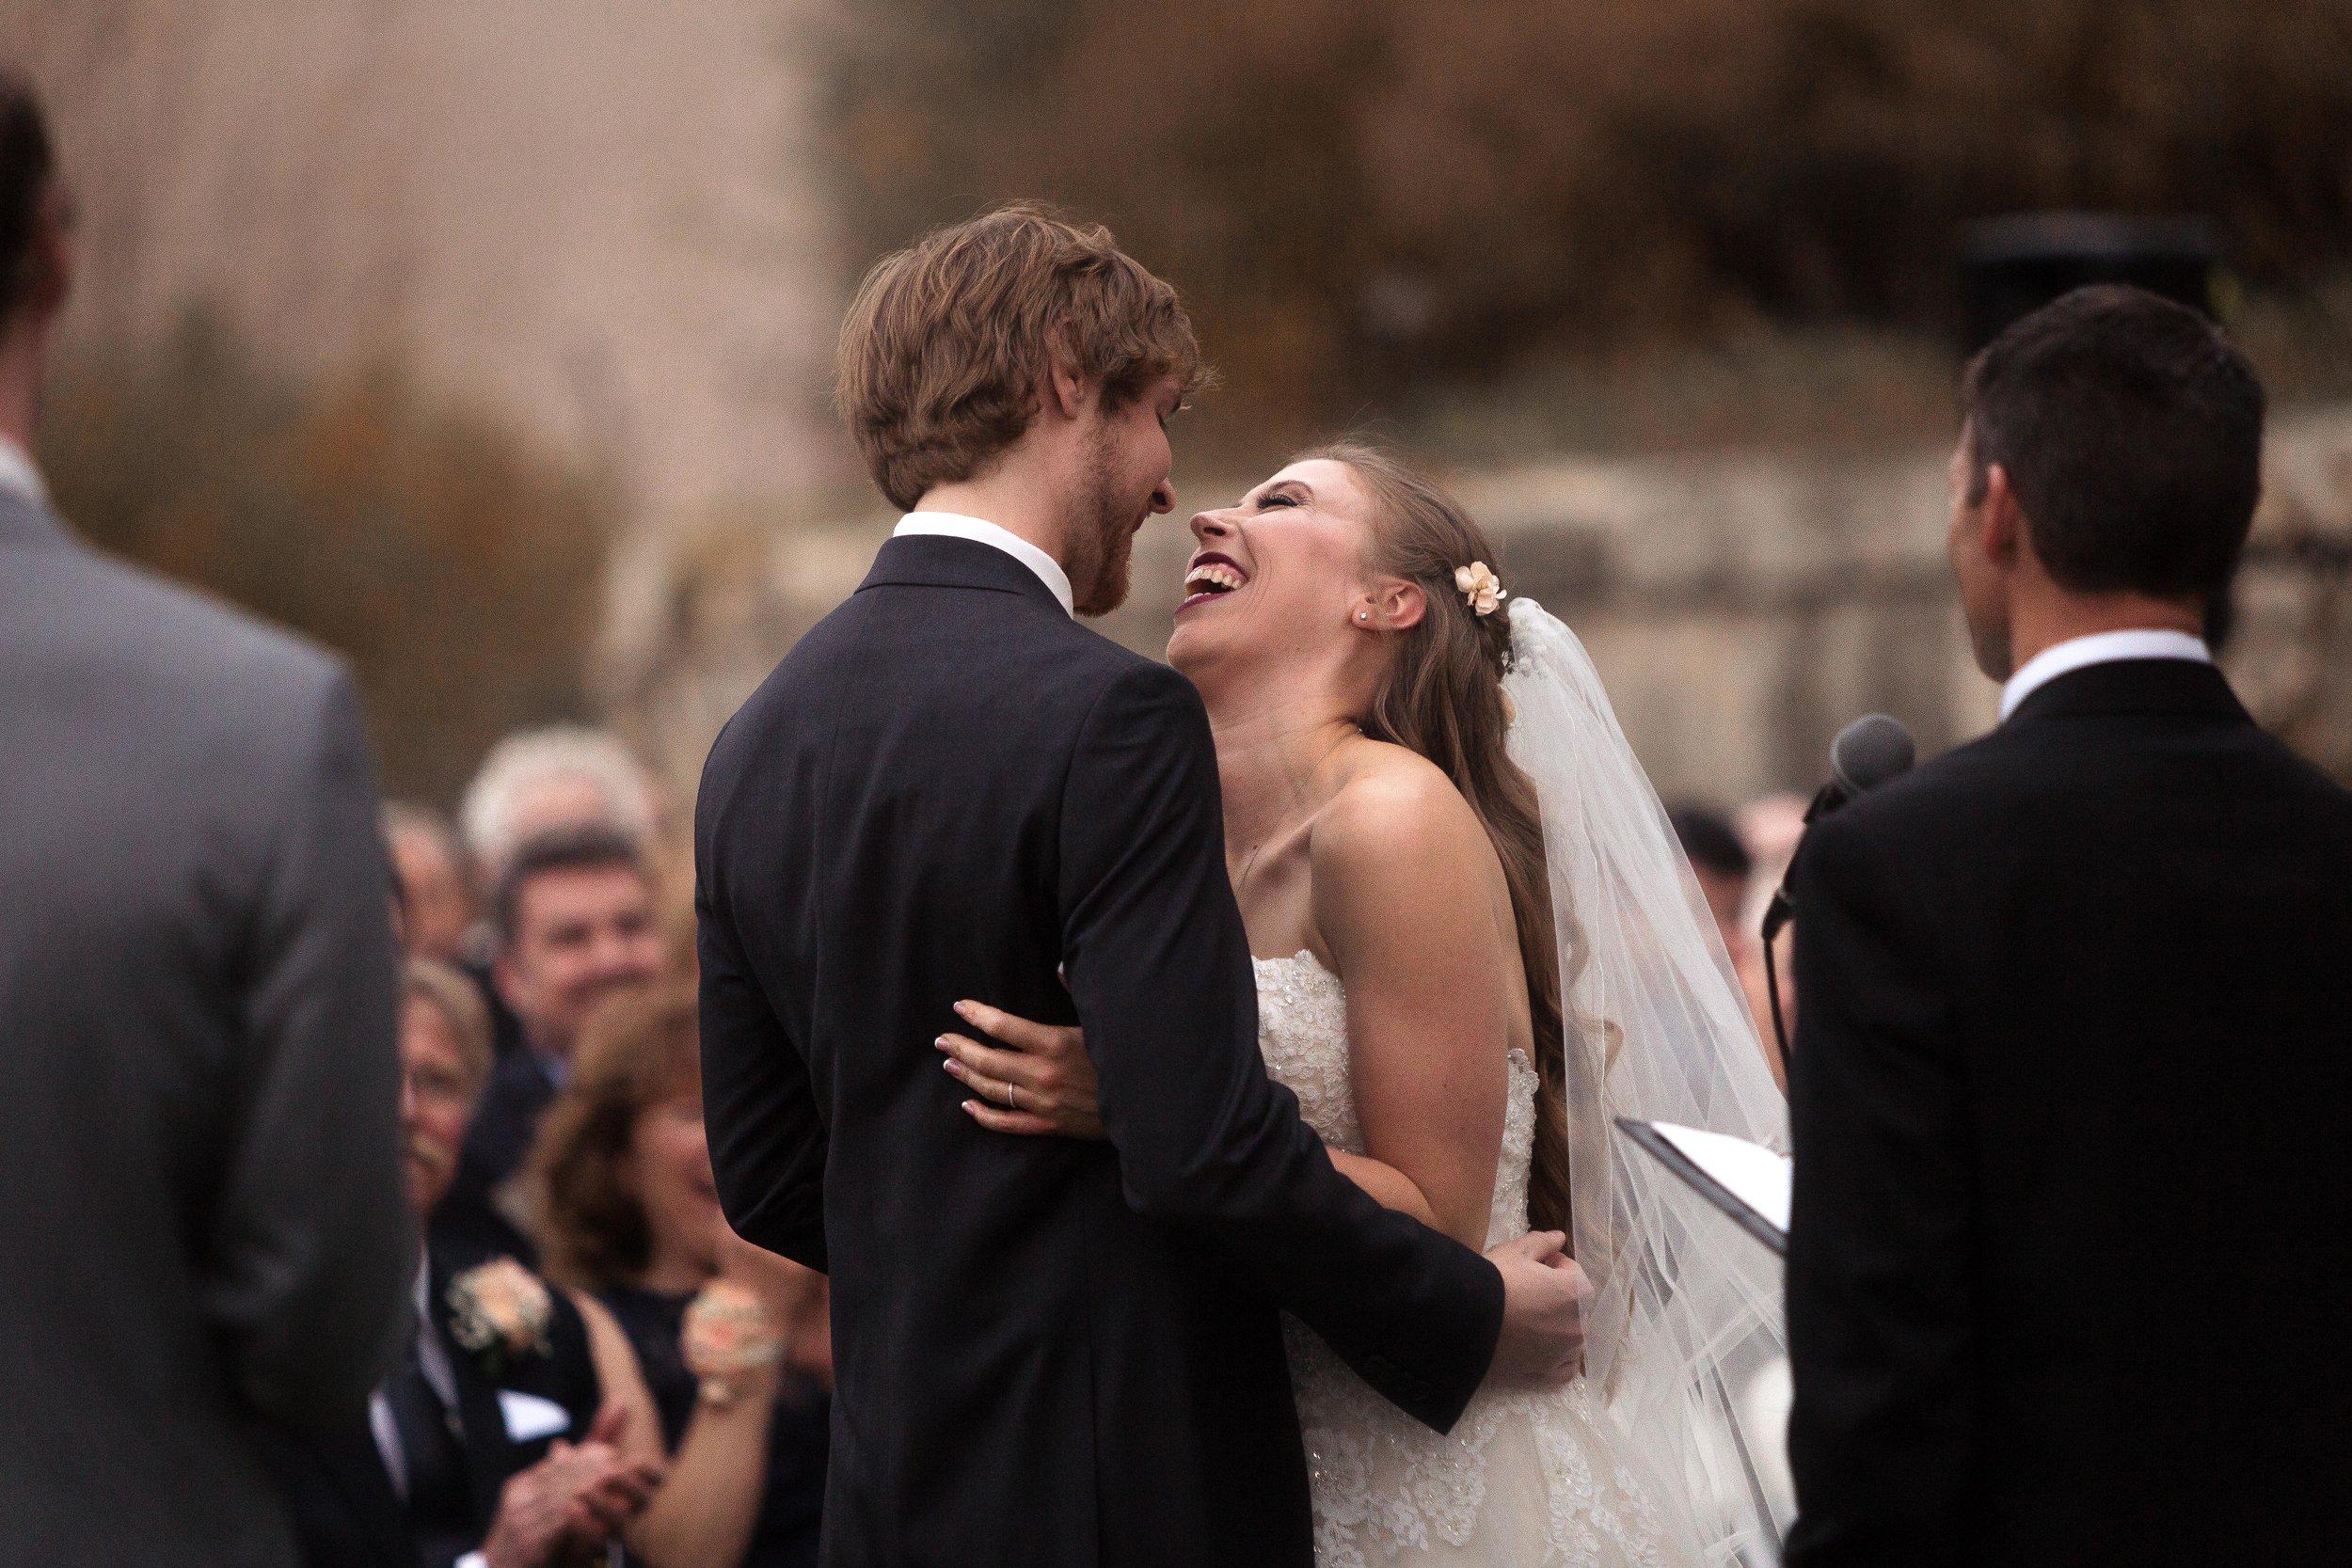 C_Wedding_Spellman, Megan & Tyler_10.27.18-1648.JPG